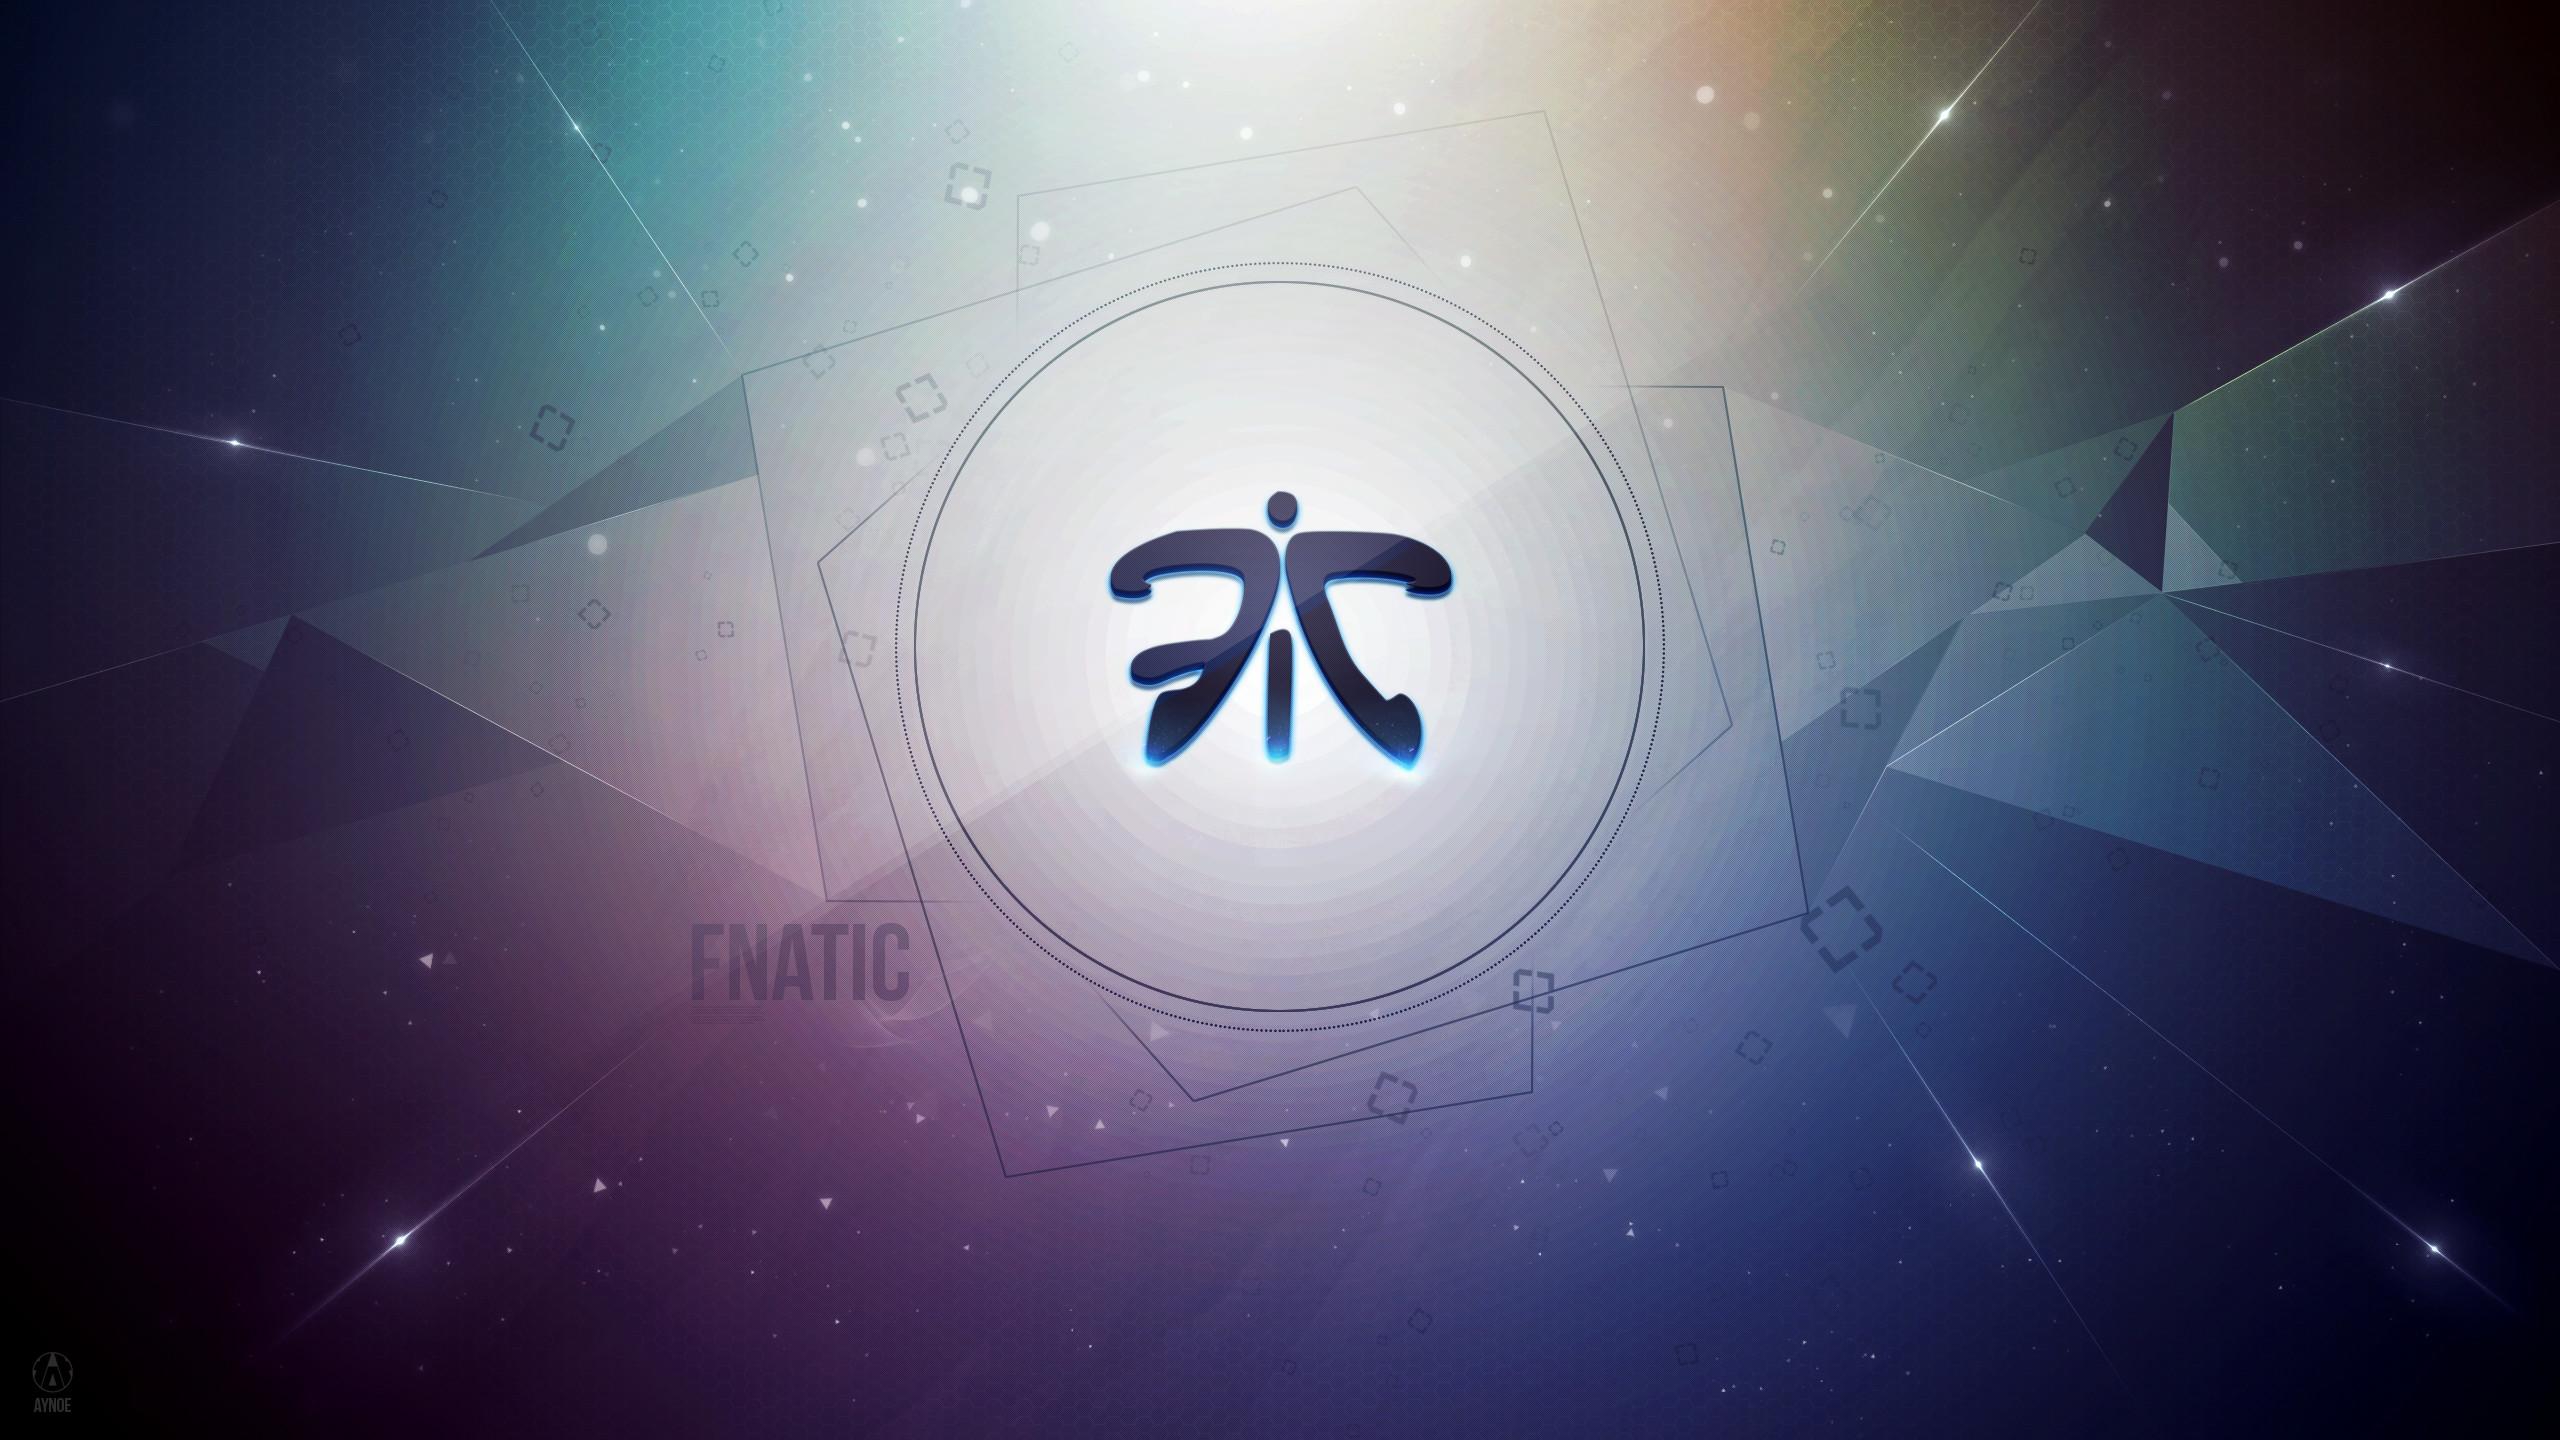 … Fnatic 3.0 Wallpaper Logo – League of Legends by Aynoe